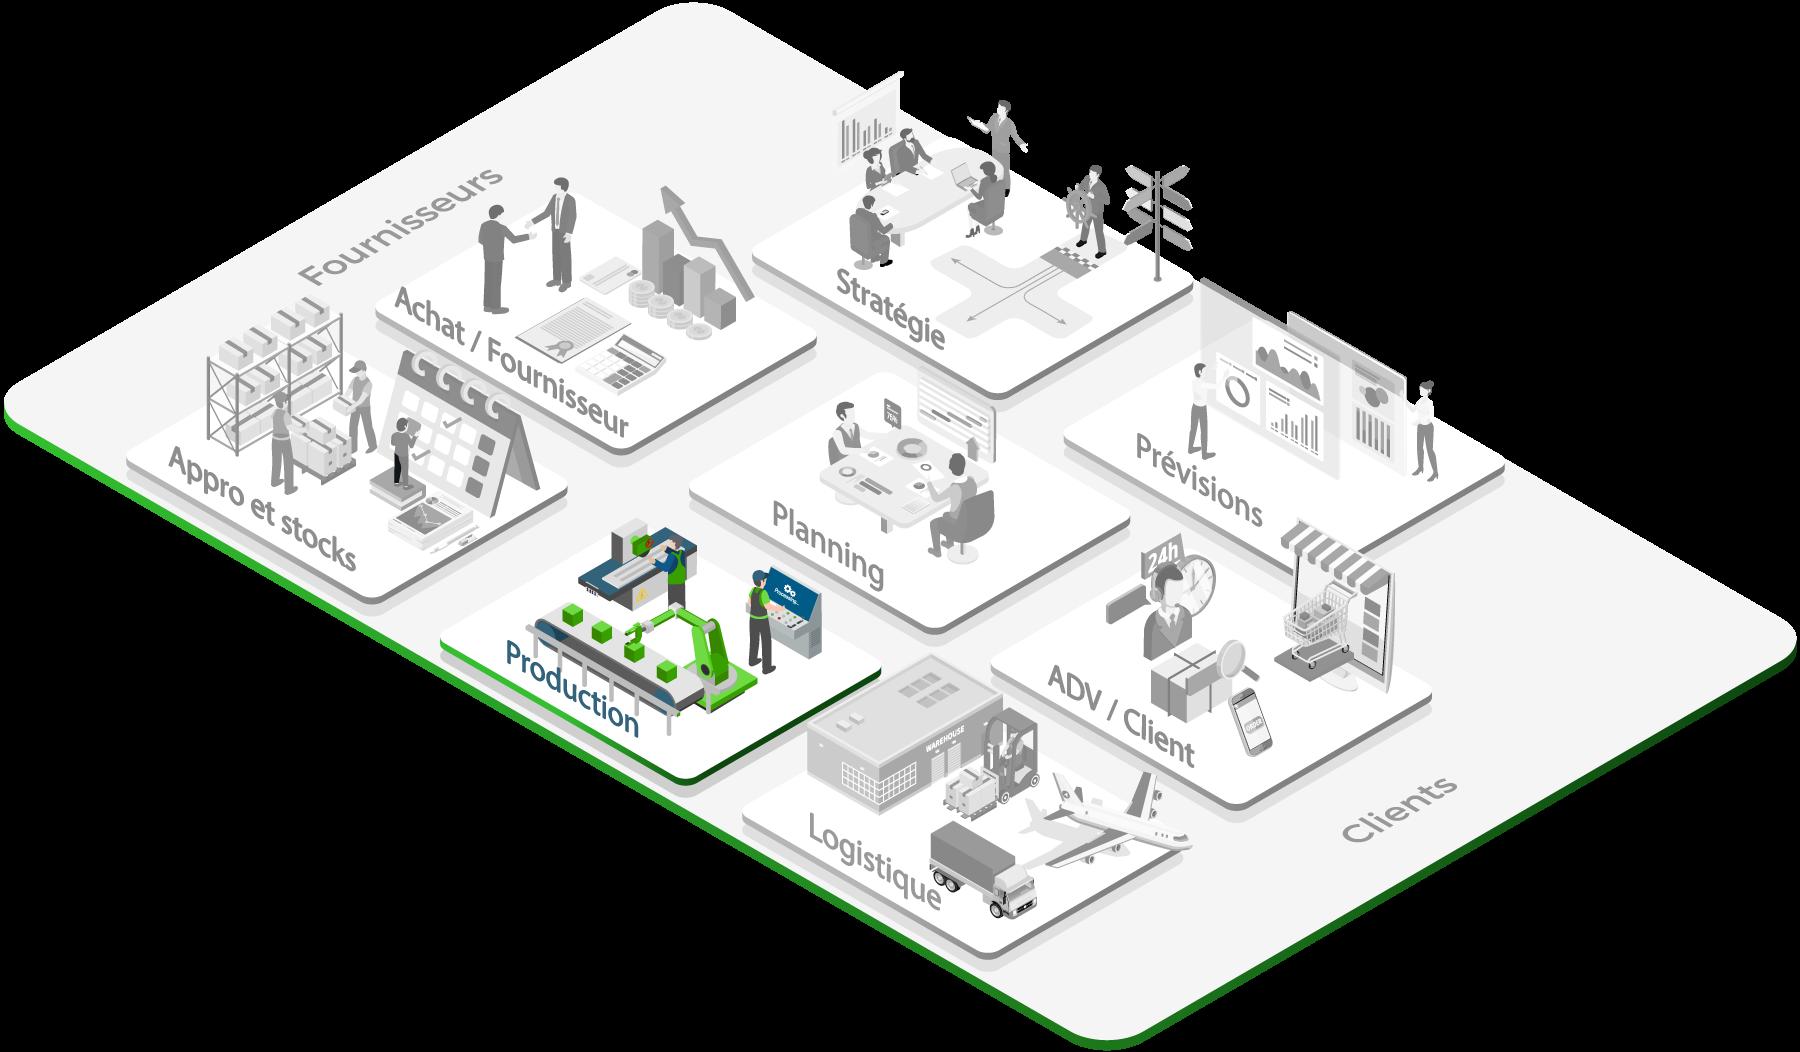 Problématiques liées à la production, la qualité et la maintenance dans une démarche Lean